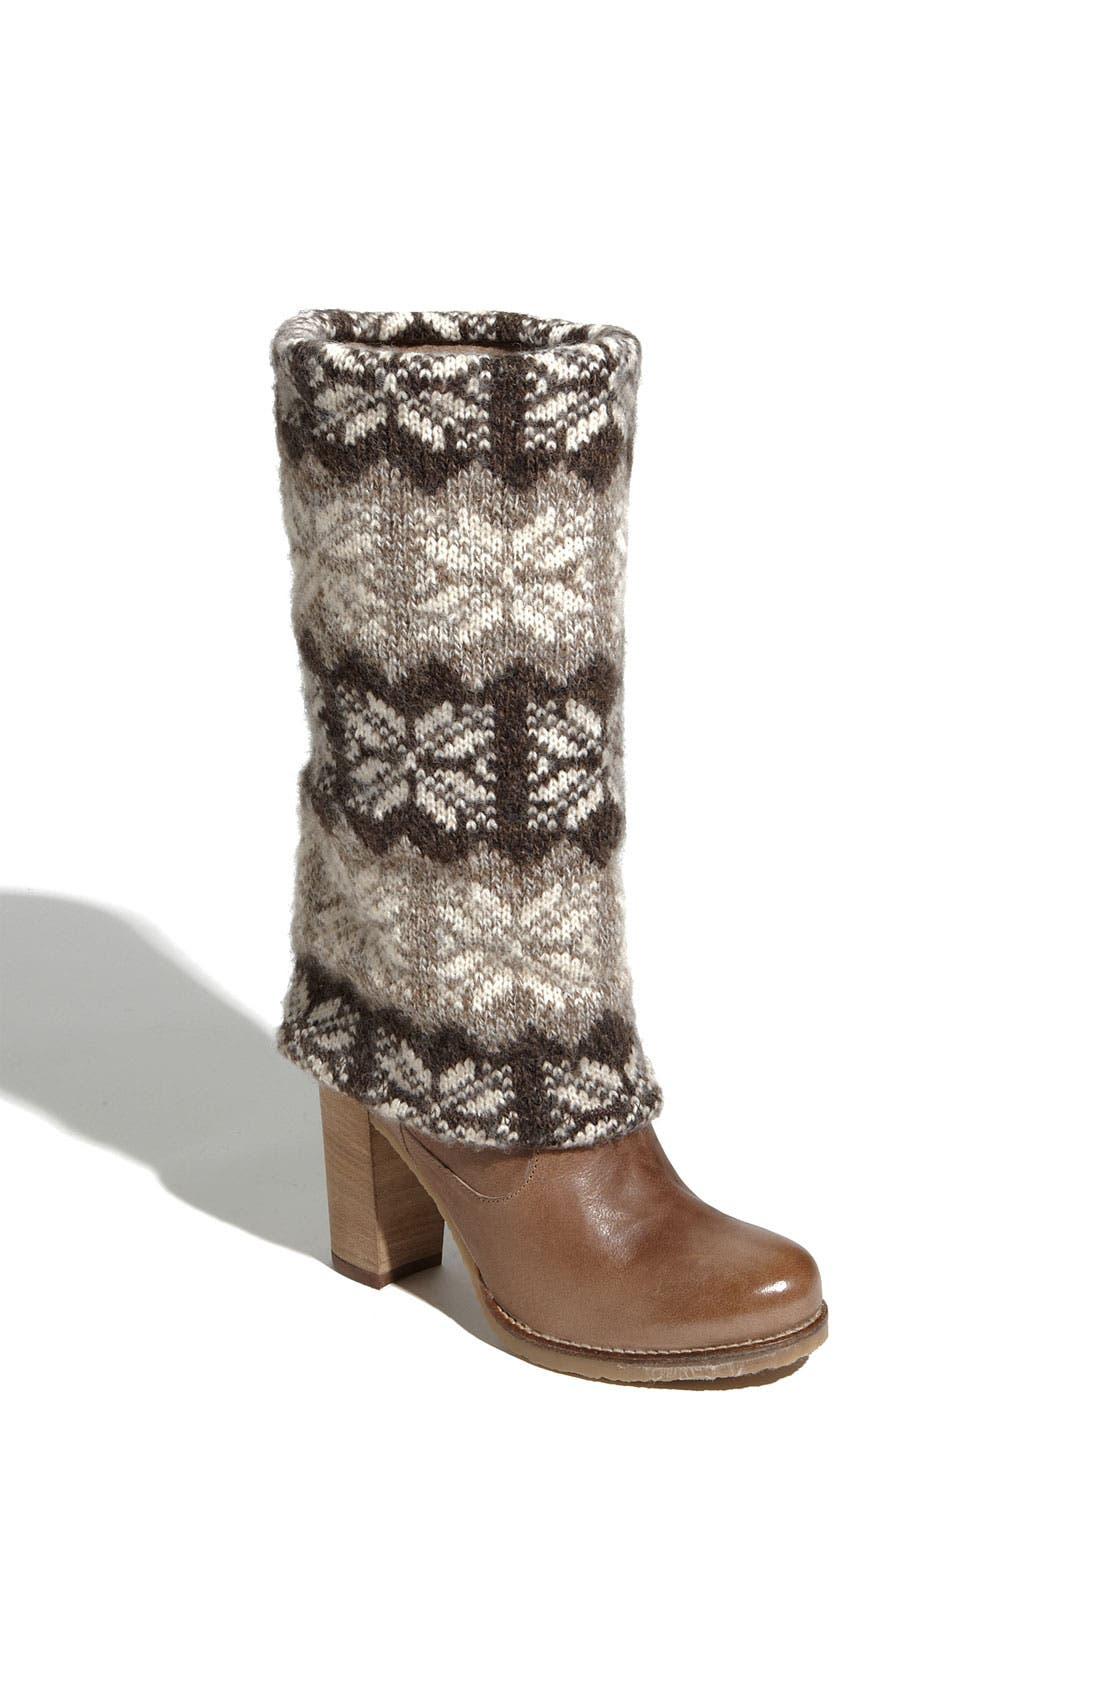 Main Image - Paola Ferri '7153' Boot